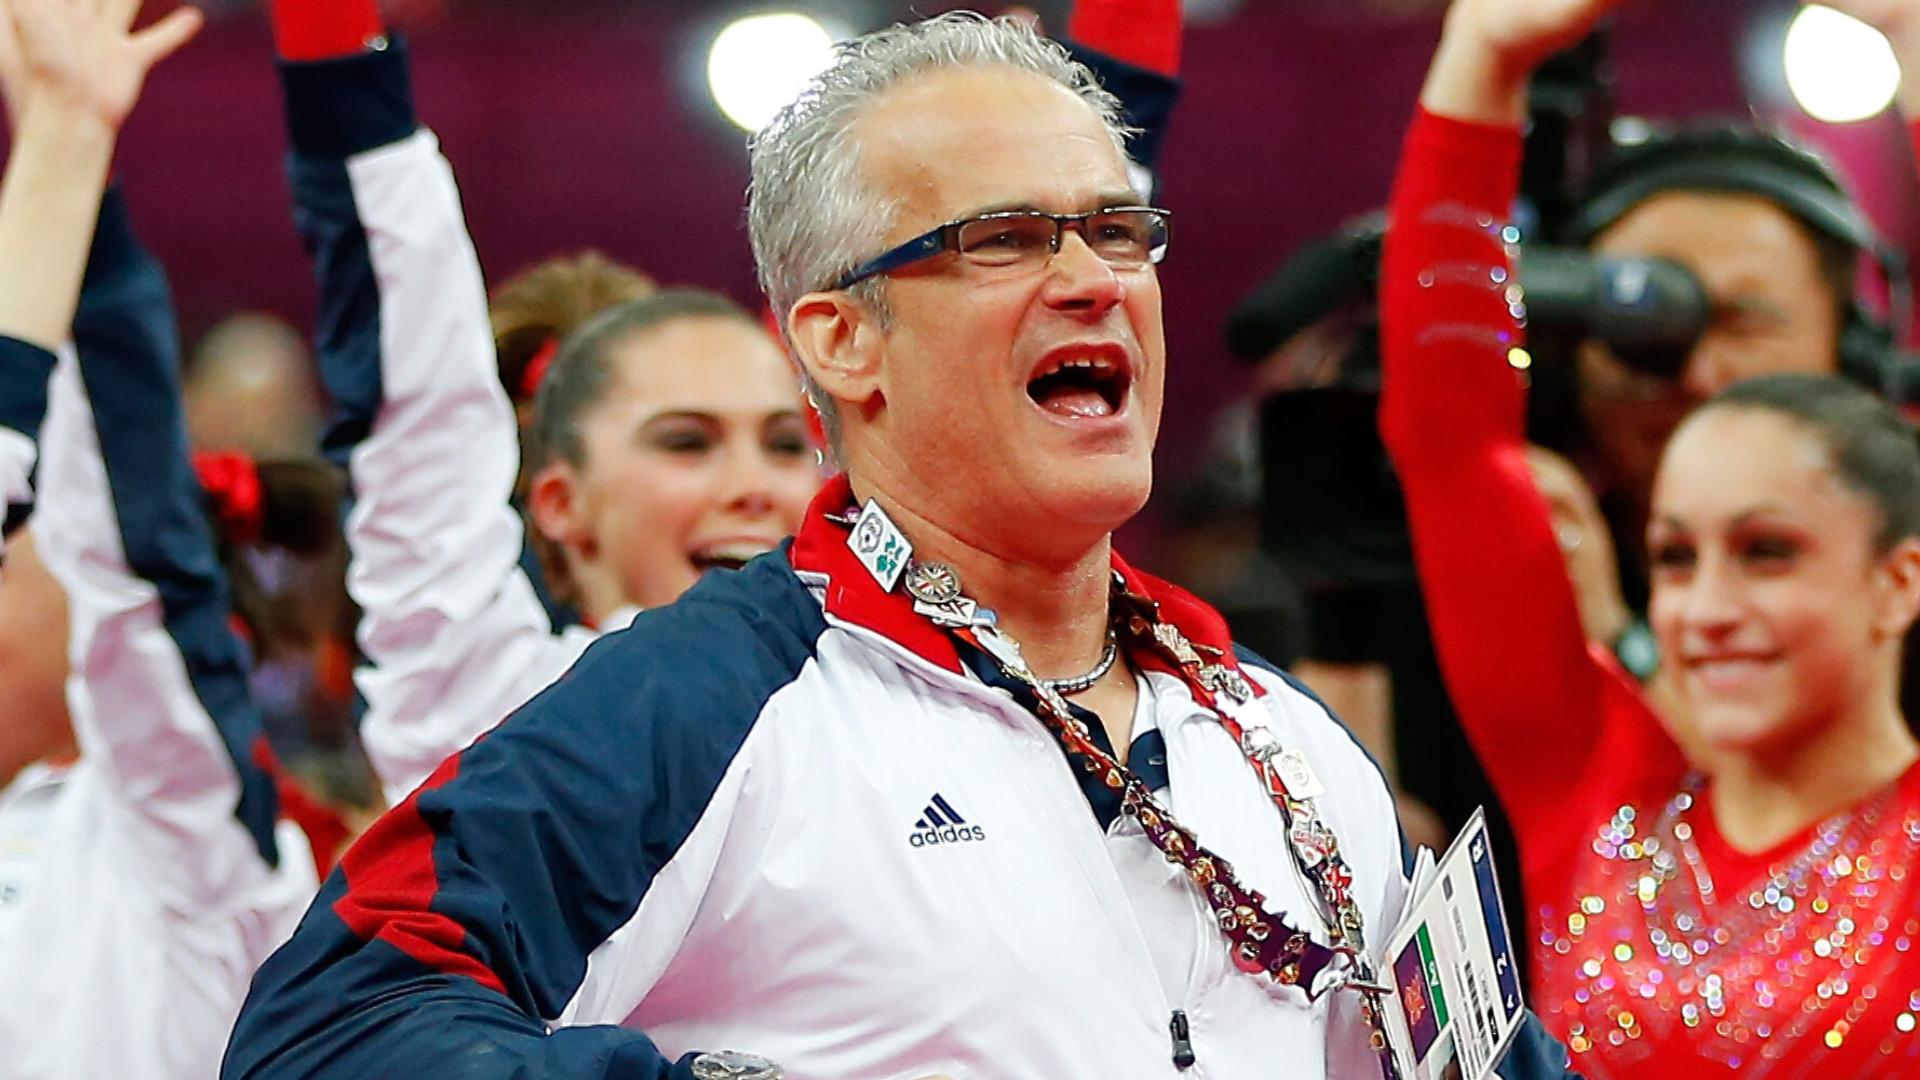 John Geddert de USA Gymnastics es acusado de abuso sexual y trata de  personas | Deportes Más Deportes | TUDN Univision